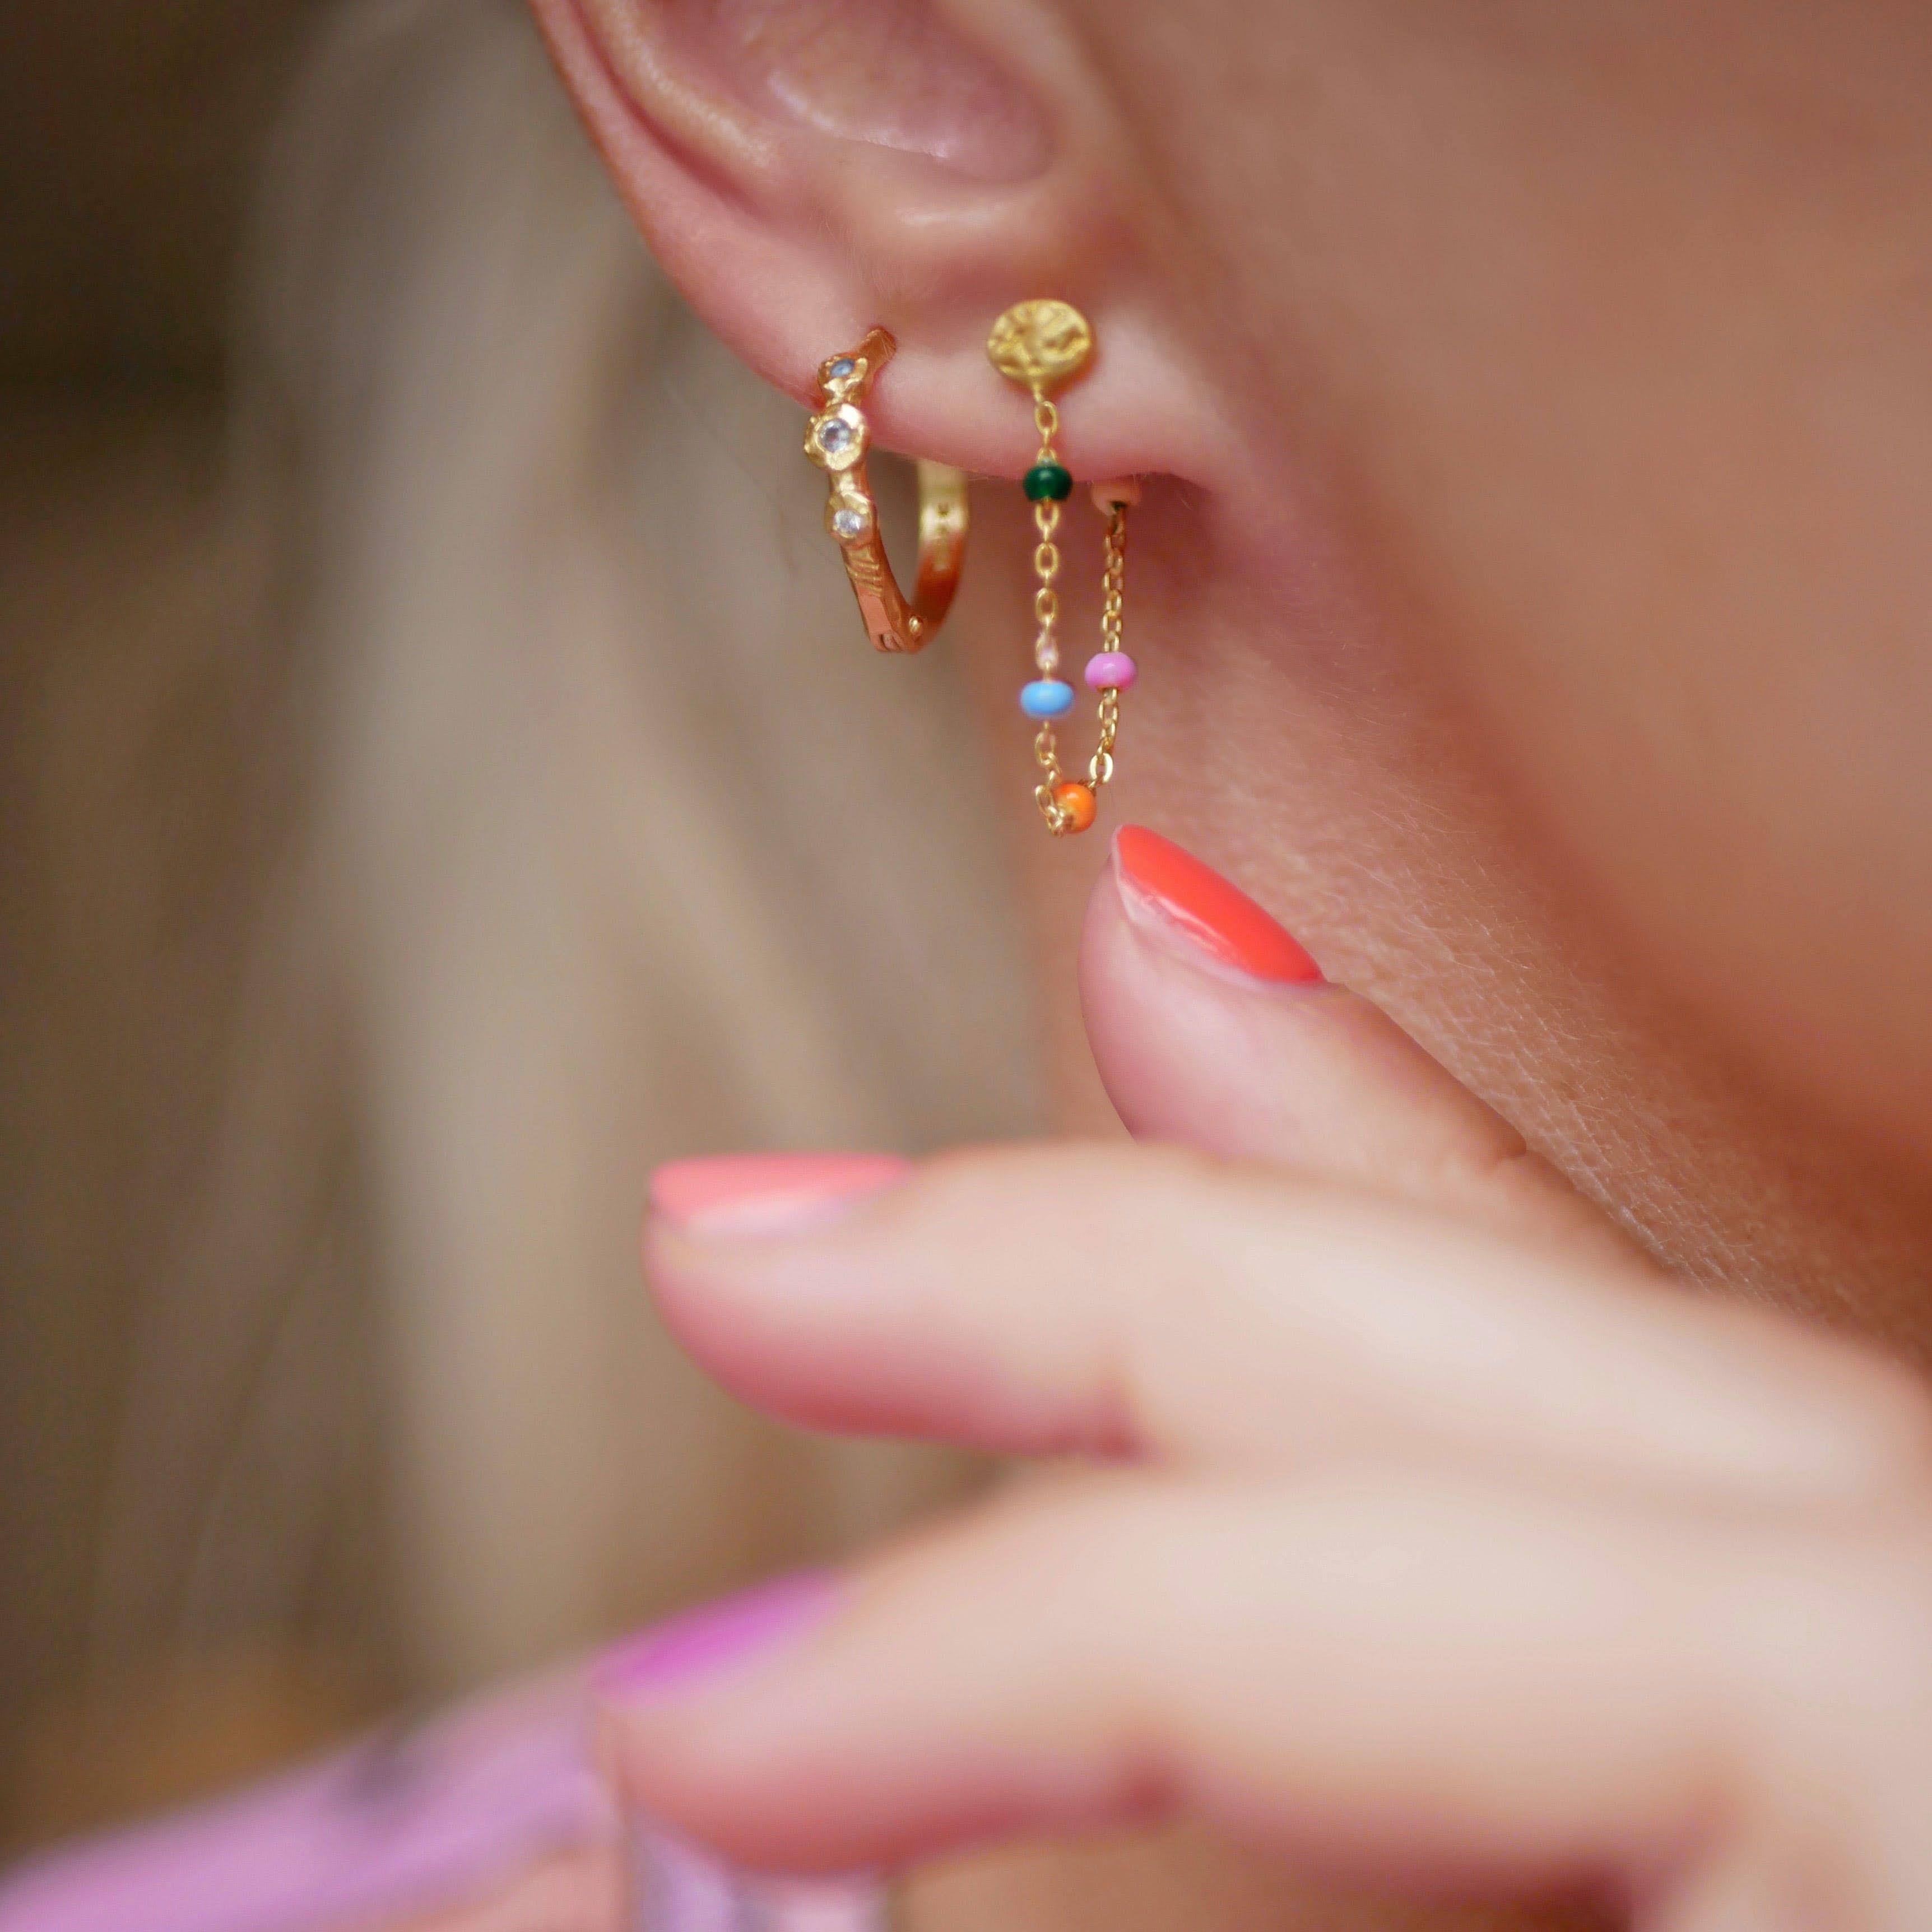 Lola Earrings Rainbow fra Enamel Copenhagen i Forgyldt-Sølv Sterling 925